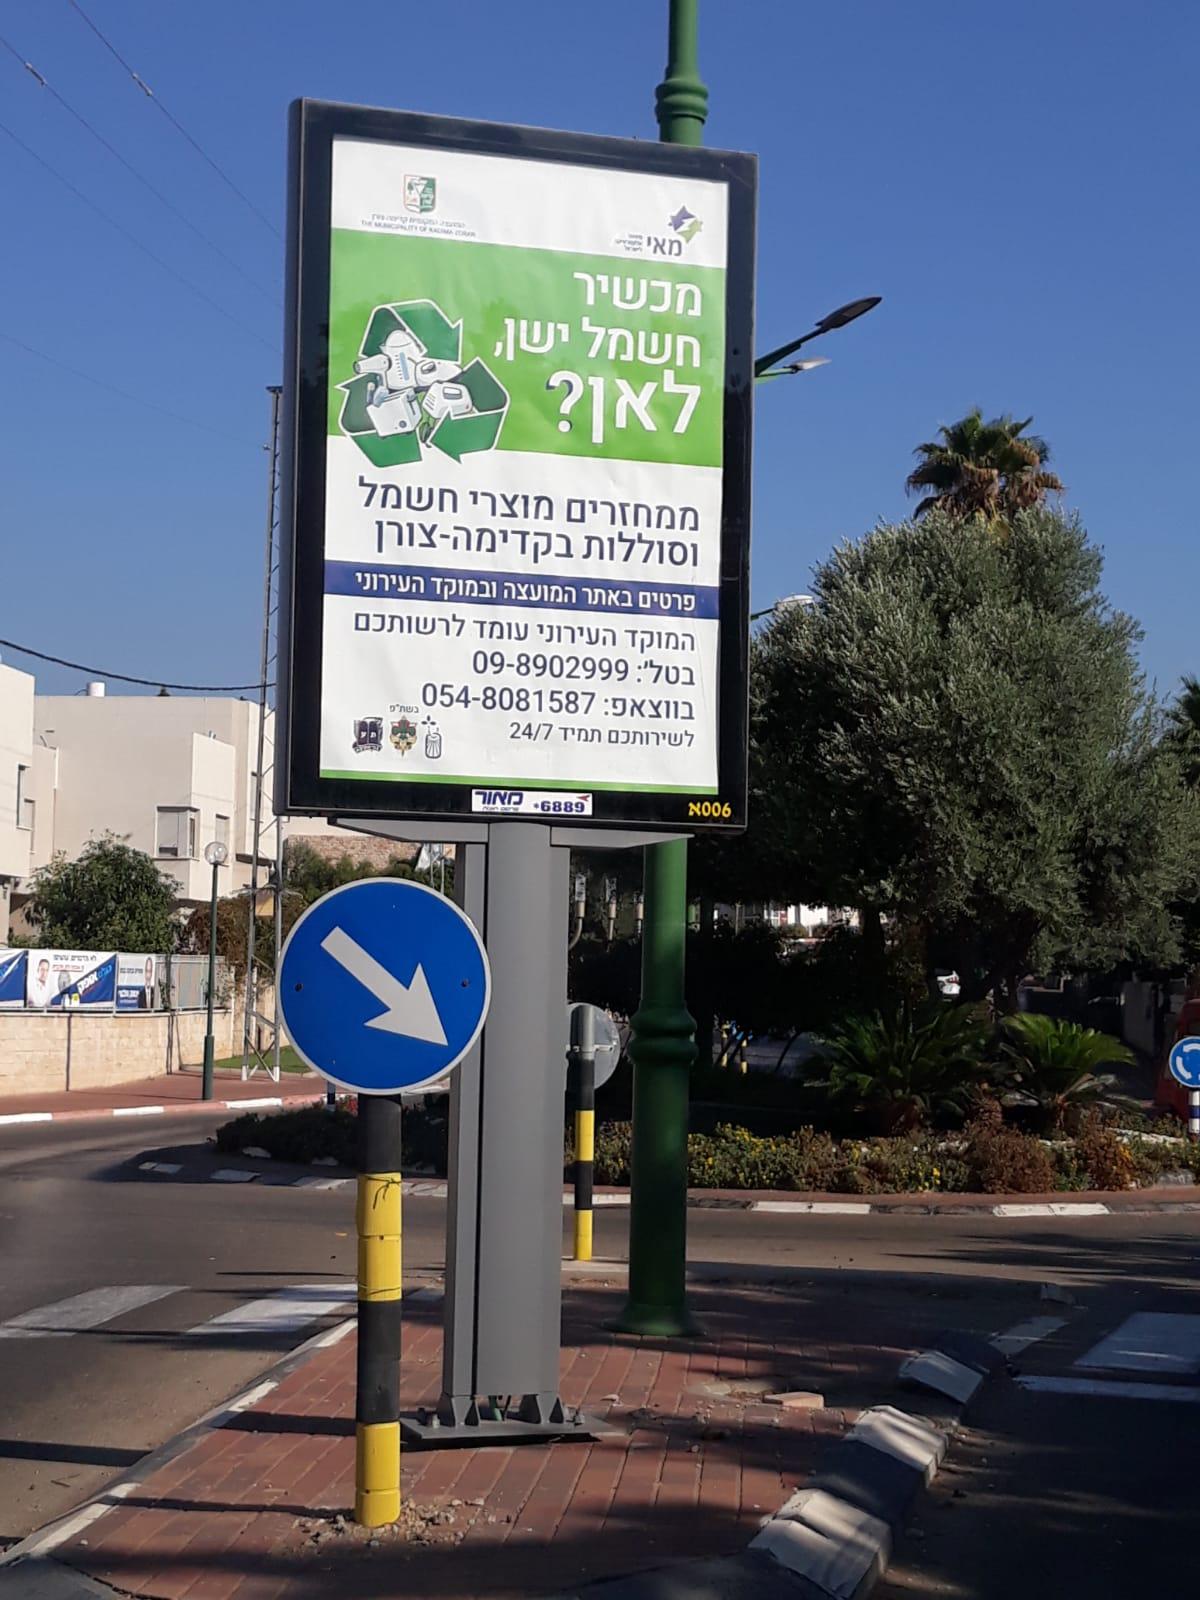 קמפיין פסולת אלקטרונית  קדימה צורן